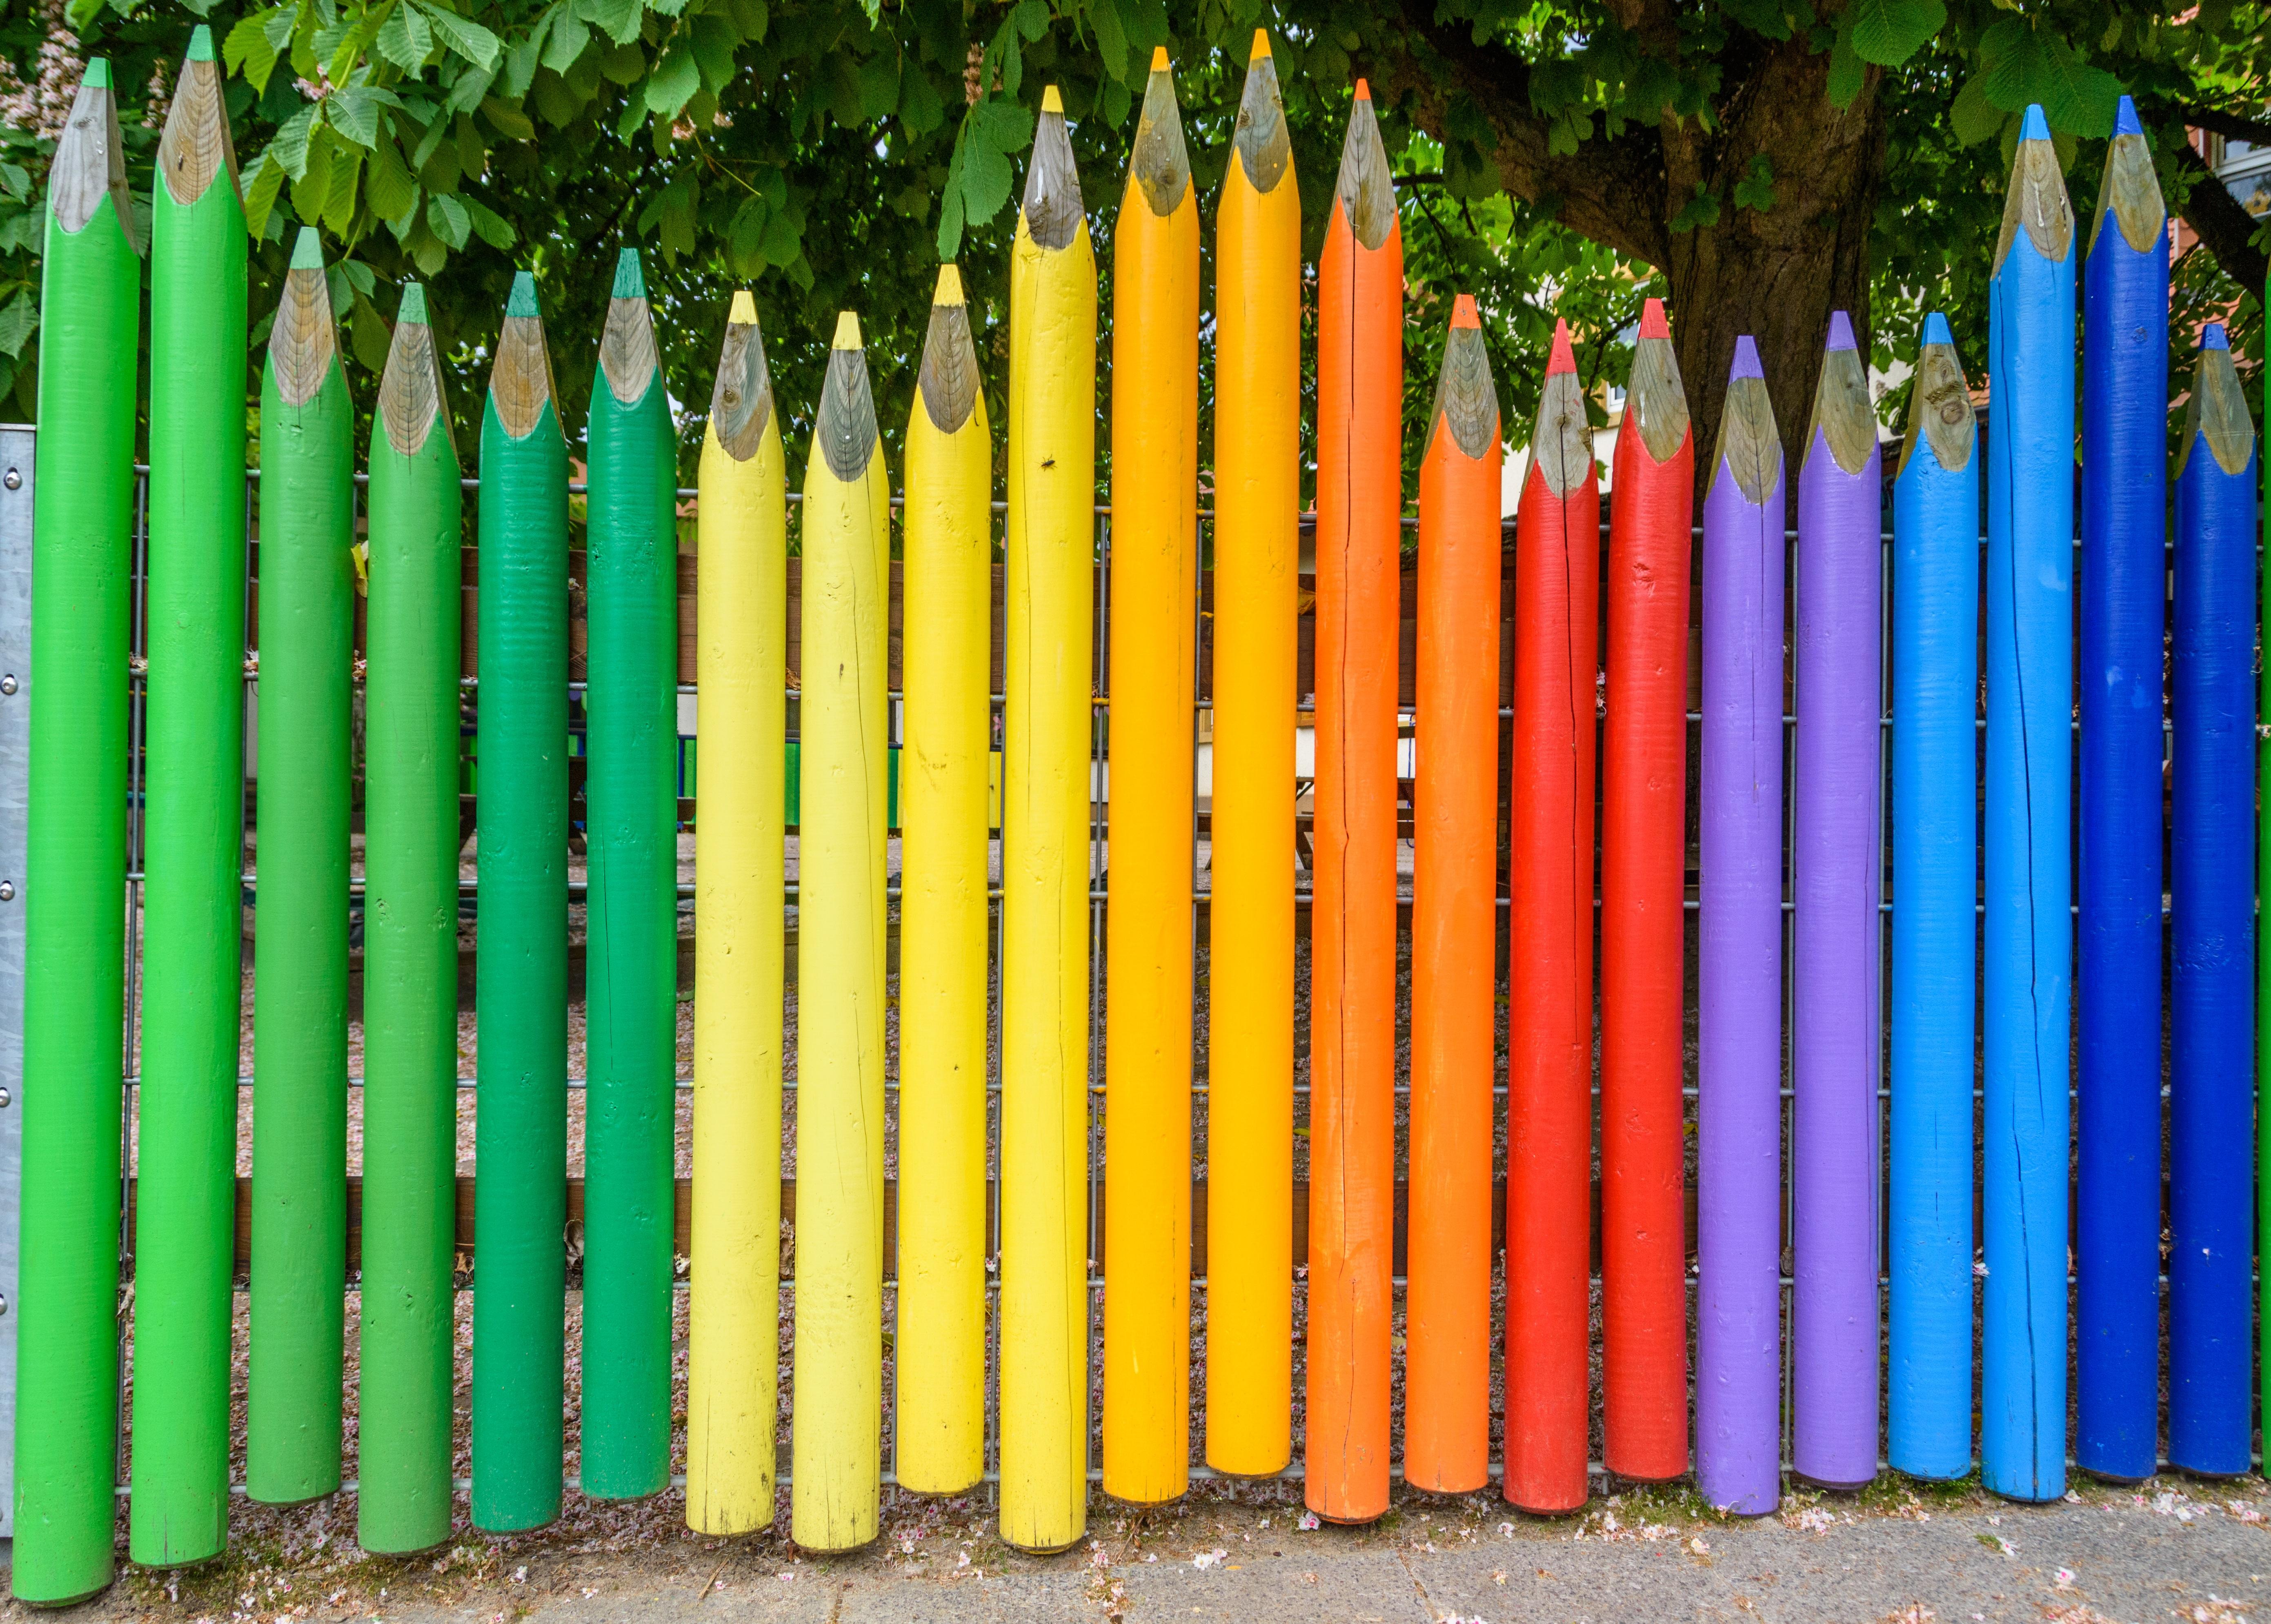 무료 이미지 : 색깔, 화려한, 유치원, 연필, 정원 울타리, 옻칠 한 ...